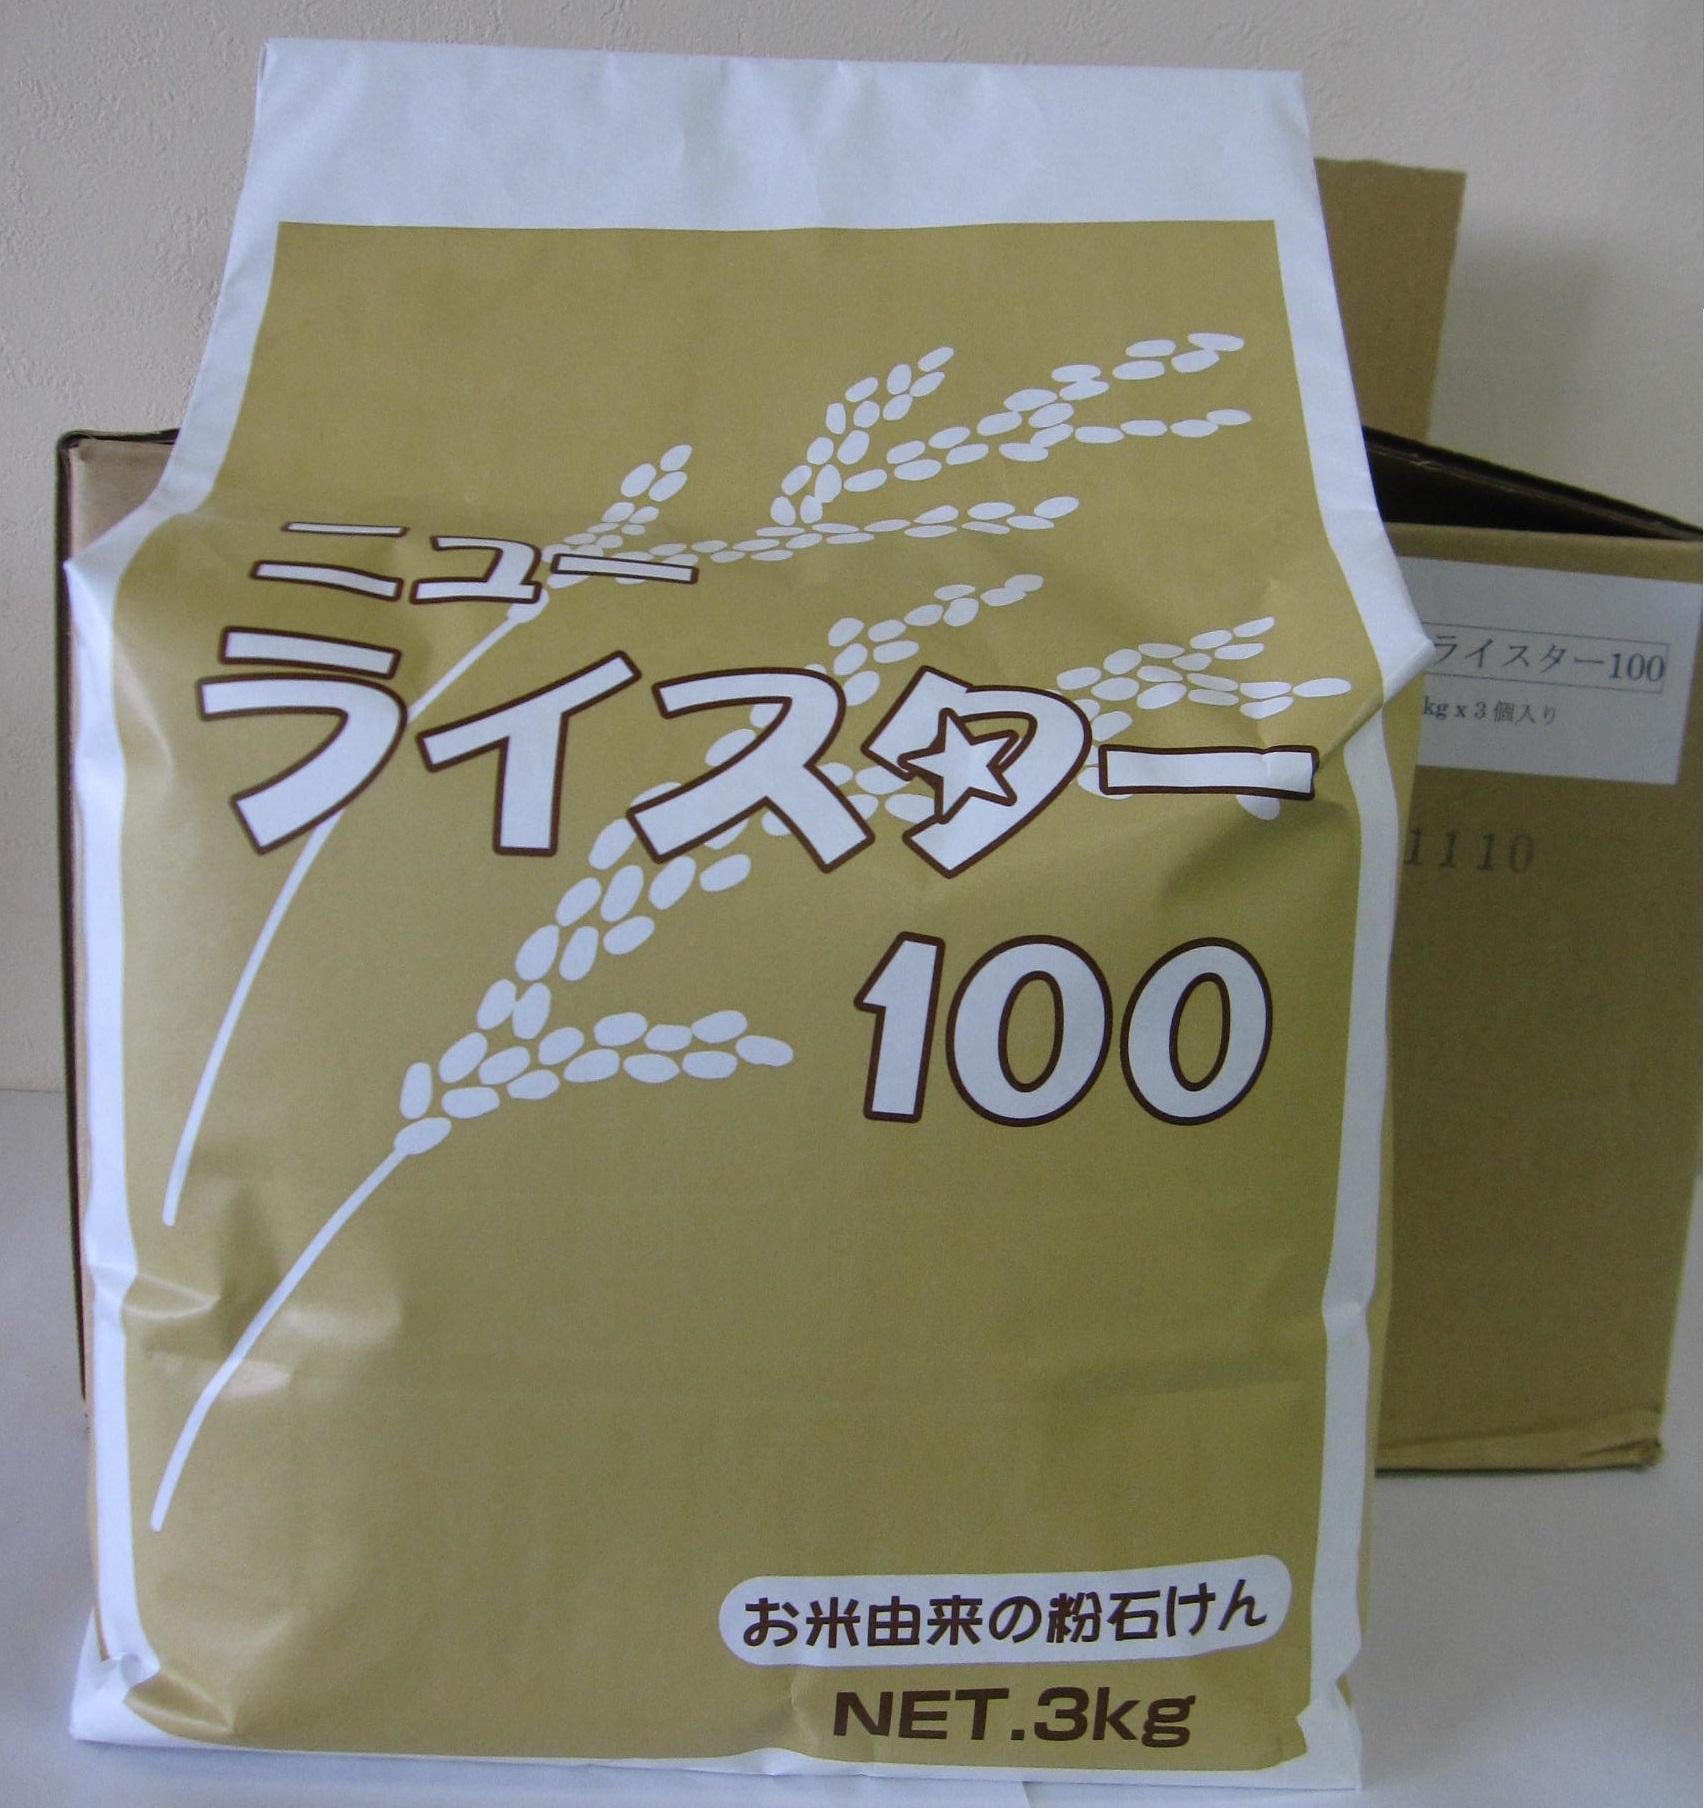 洗濯用粉石けんニューライスター100 3kg 3袋入り